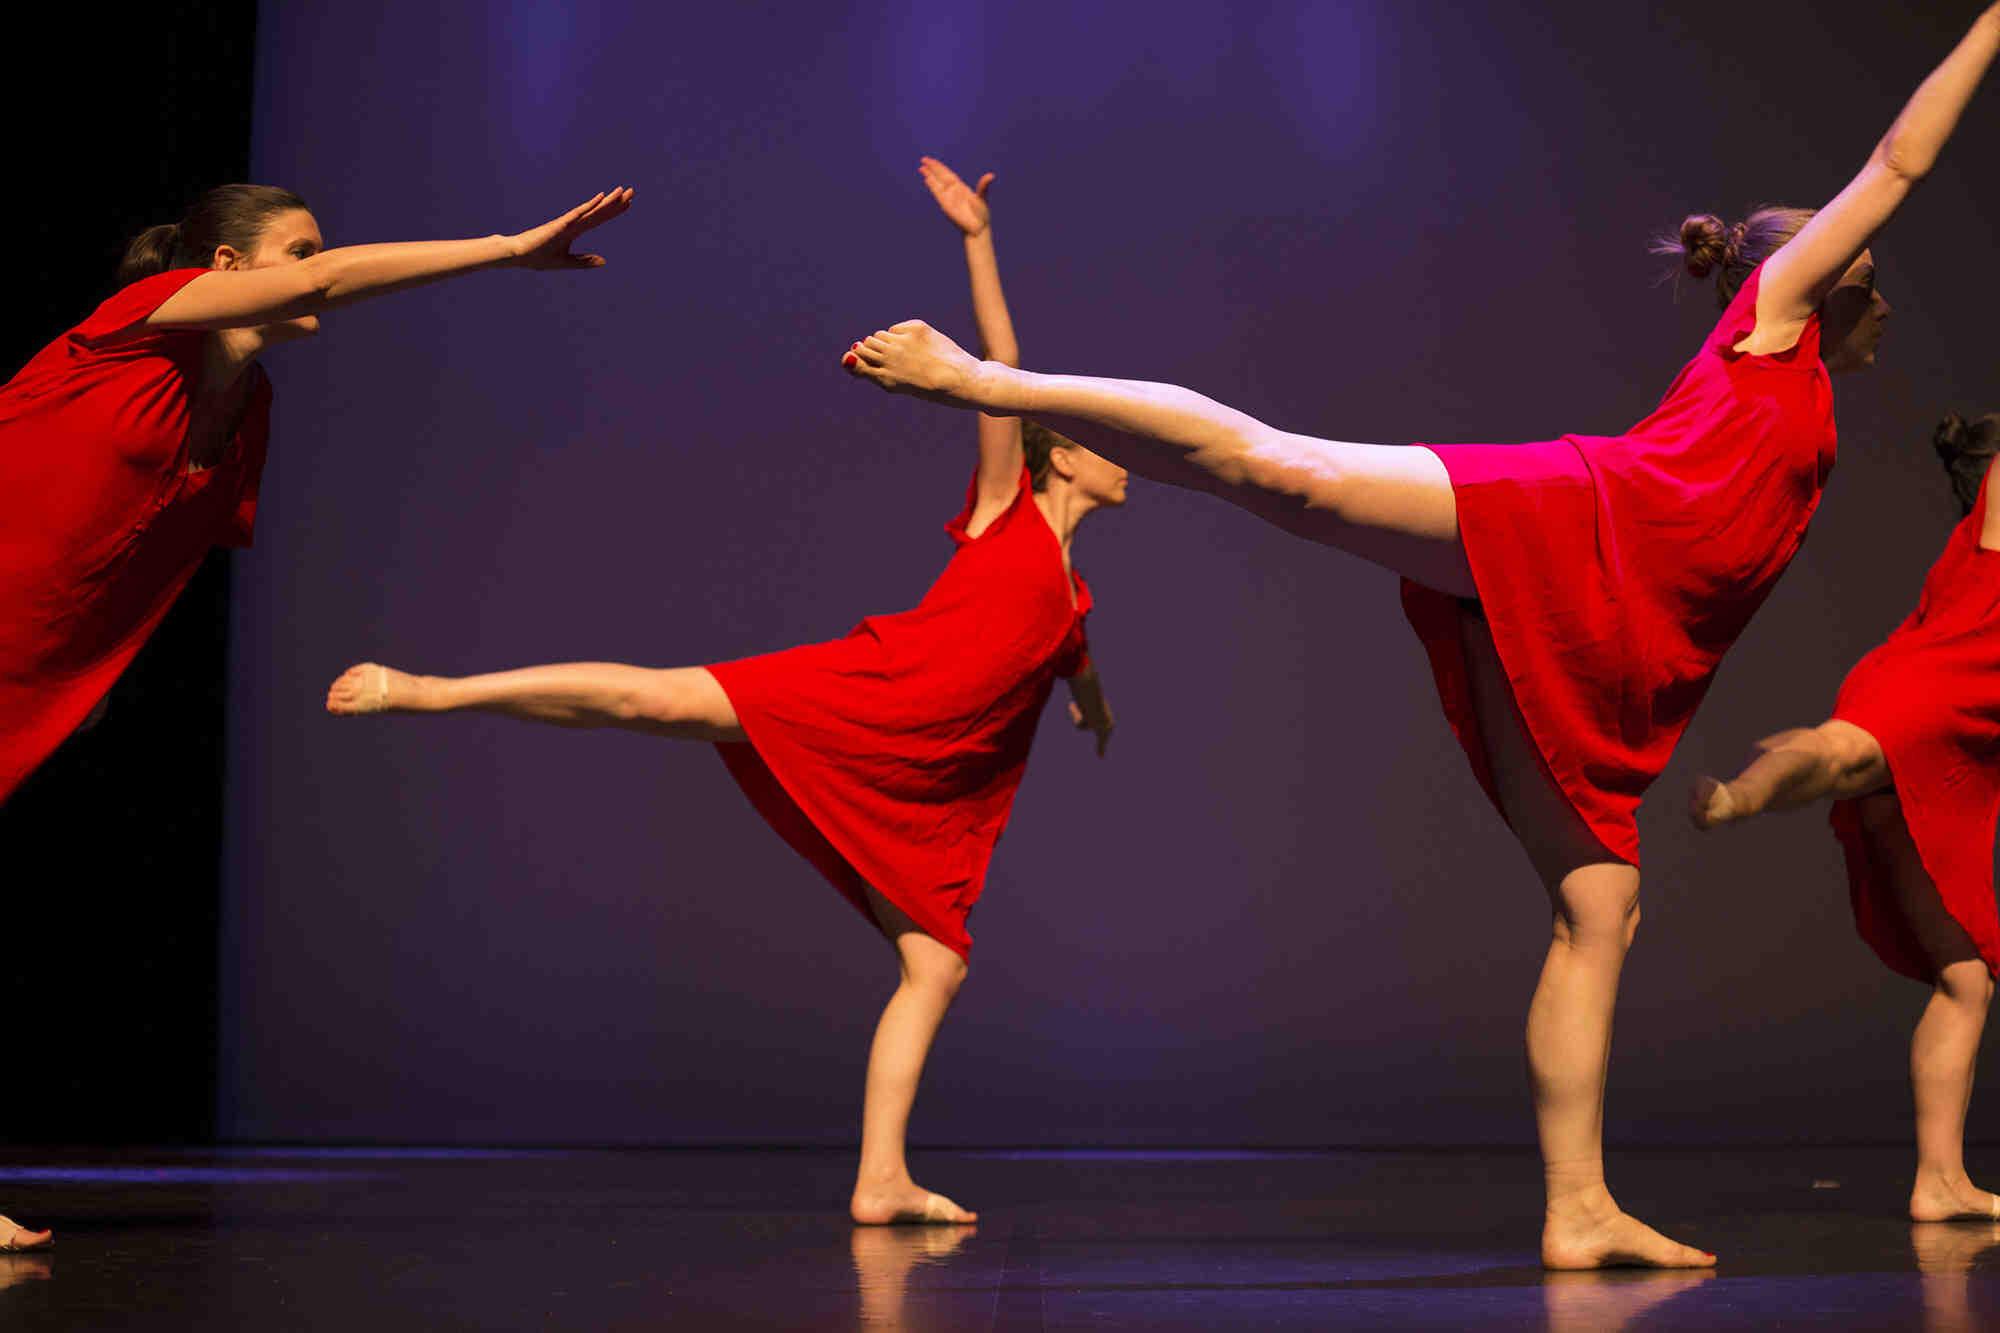 Comment apprendre à danser rapidement?